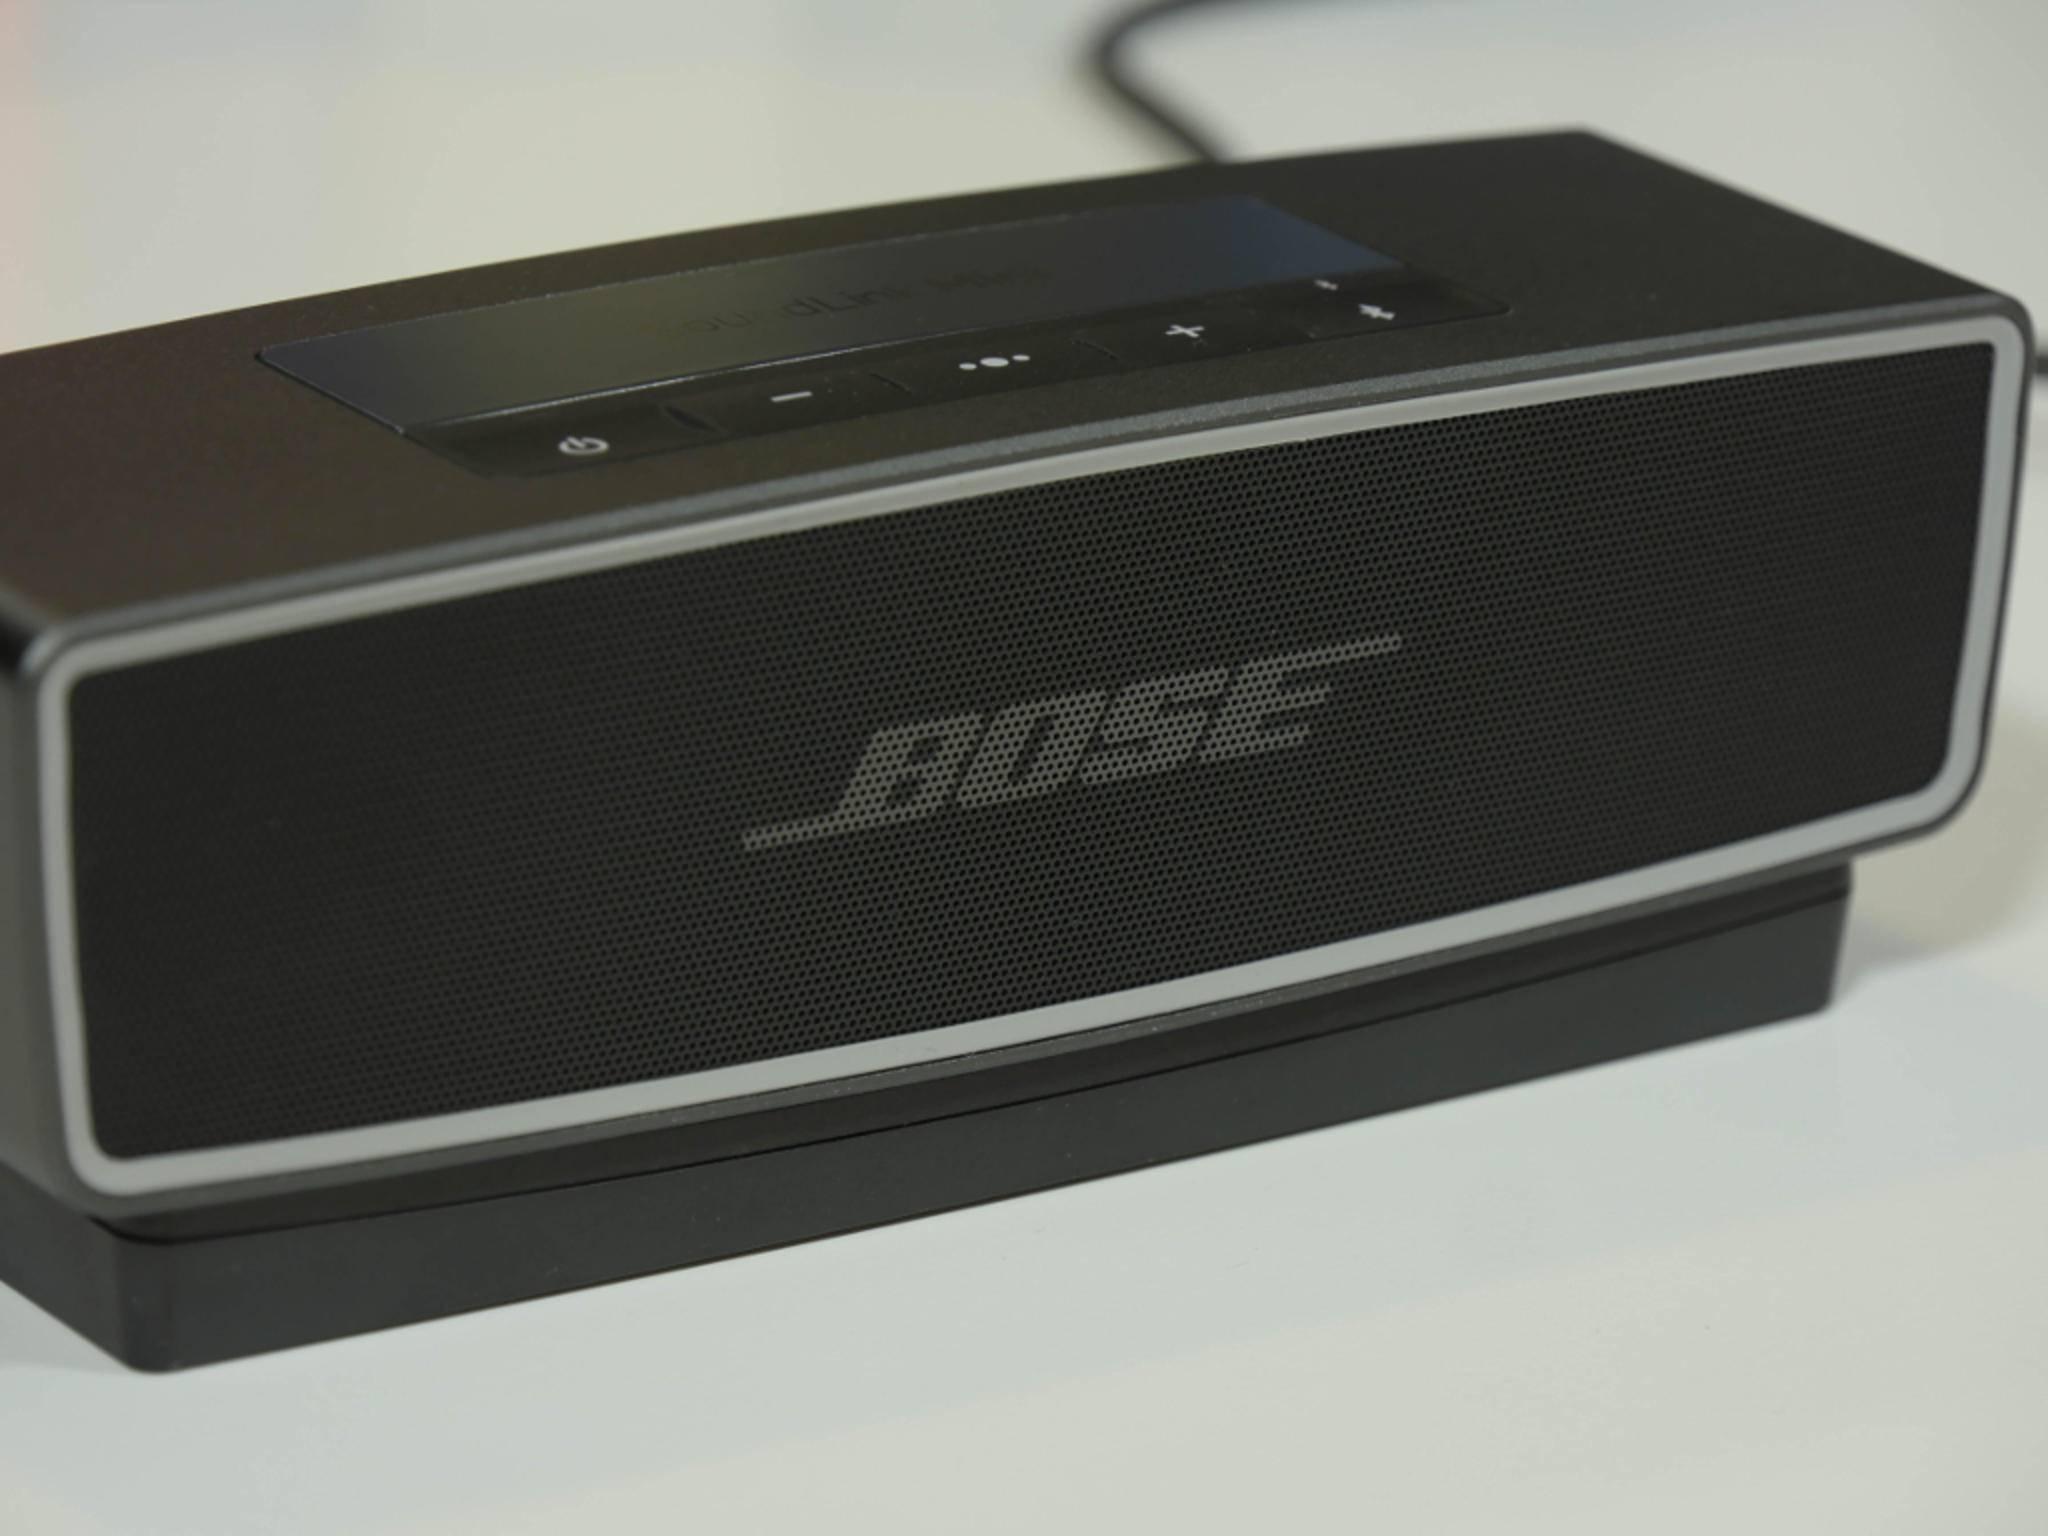 Der integrierte Akku versorgt den Lautsprecher bis zu zehn Stunden lang mit Strom.